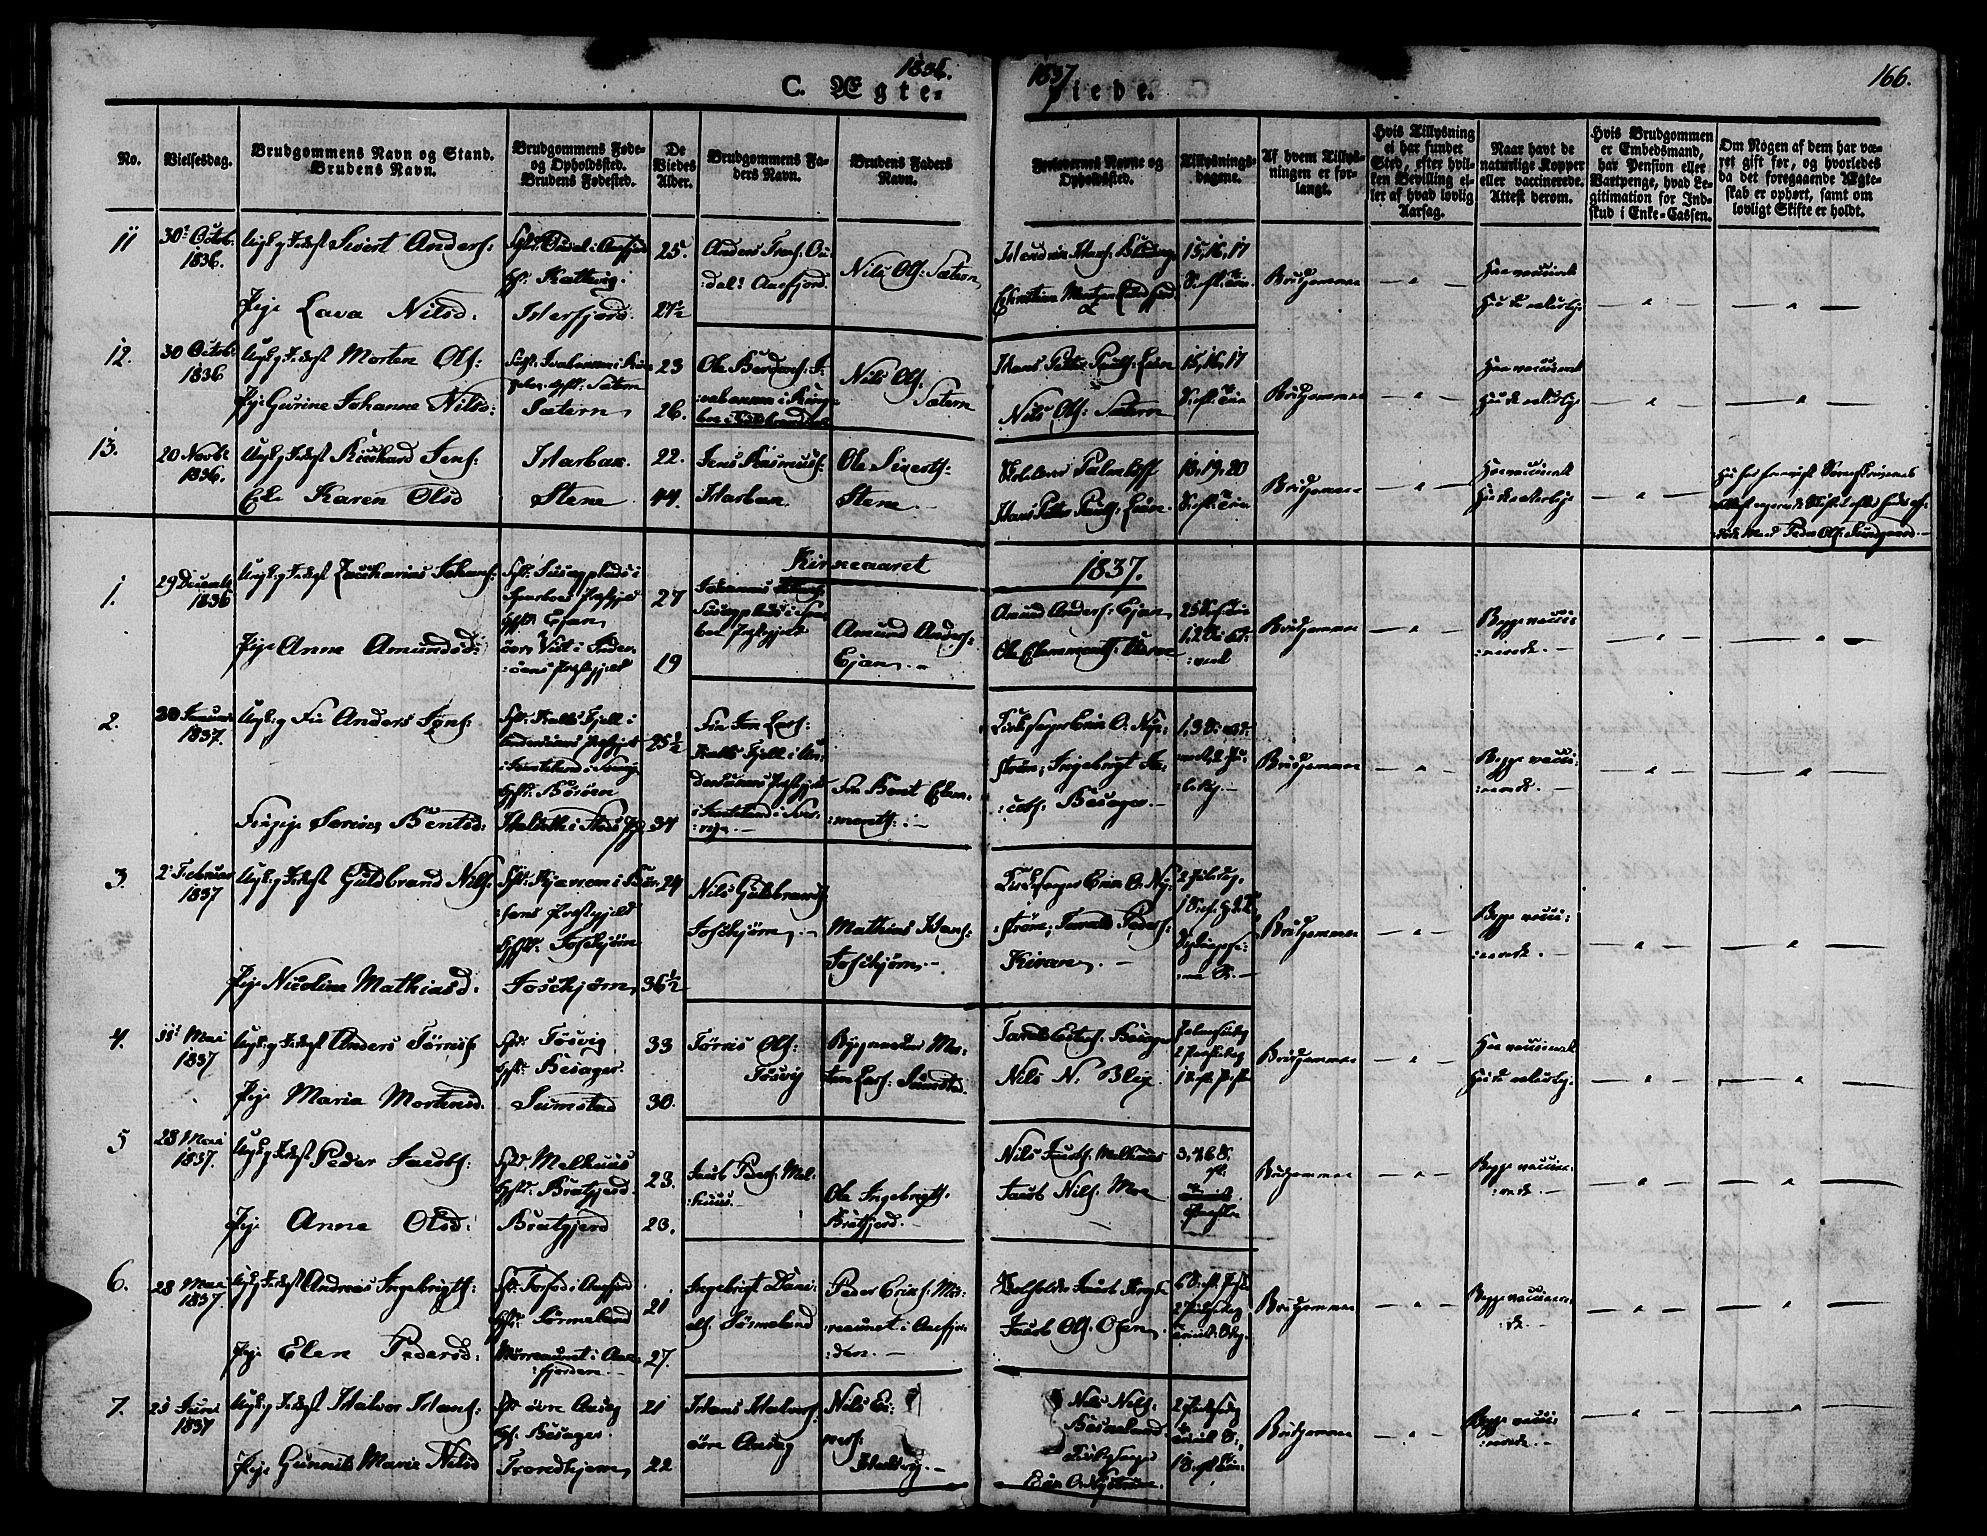 SAT, Ministerialprotokoller, klokkerbøker og fødselsregistre - Sør-Trøndelag, 657/L0703: Ministerialbok nr. 657A04, 1831-1846, s. 166